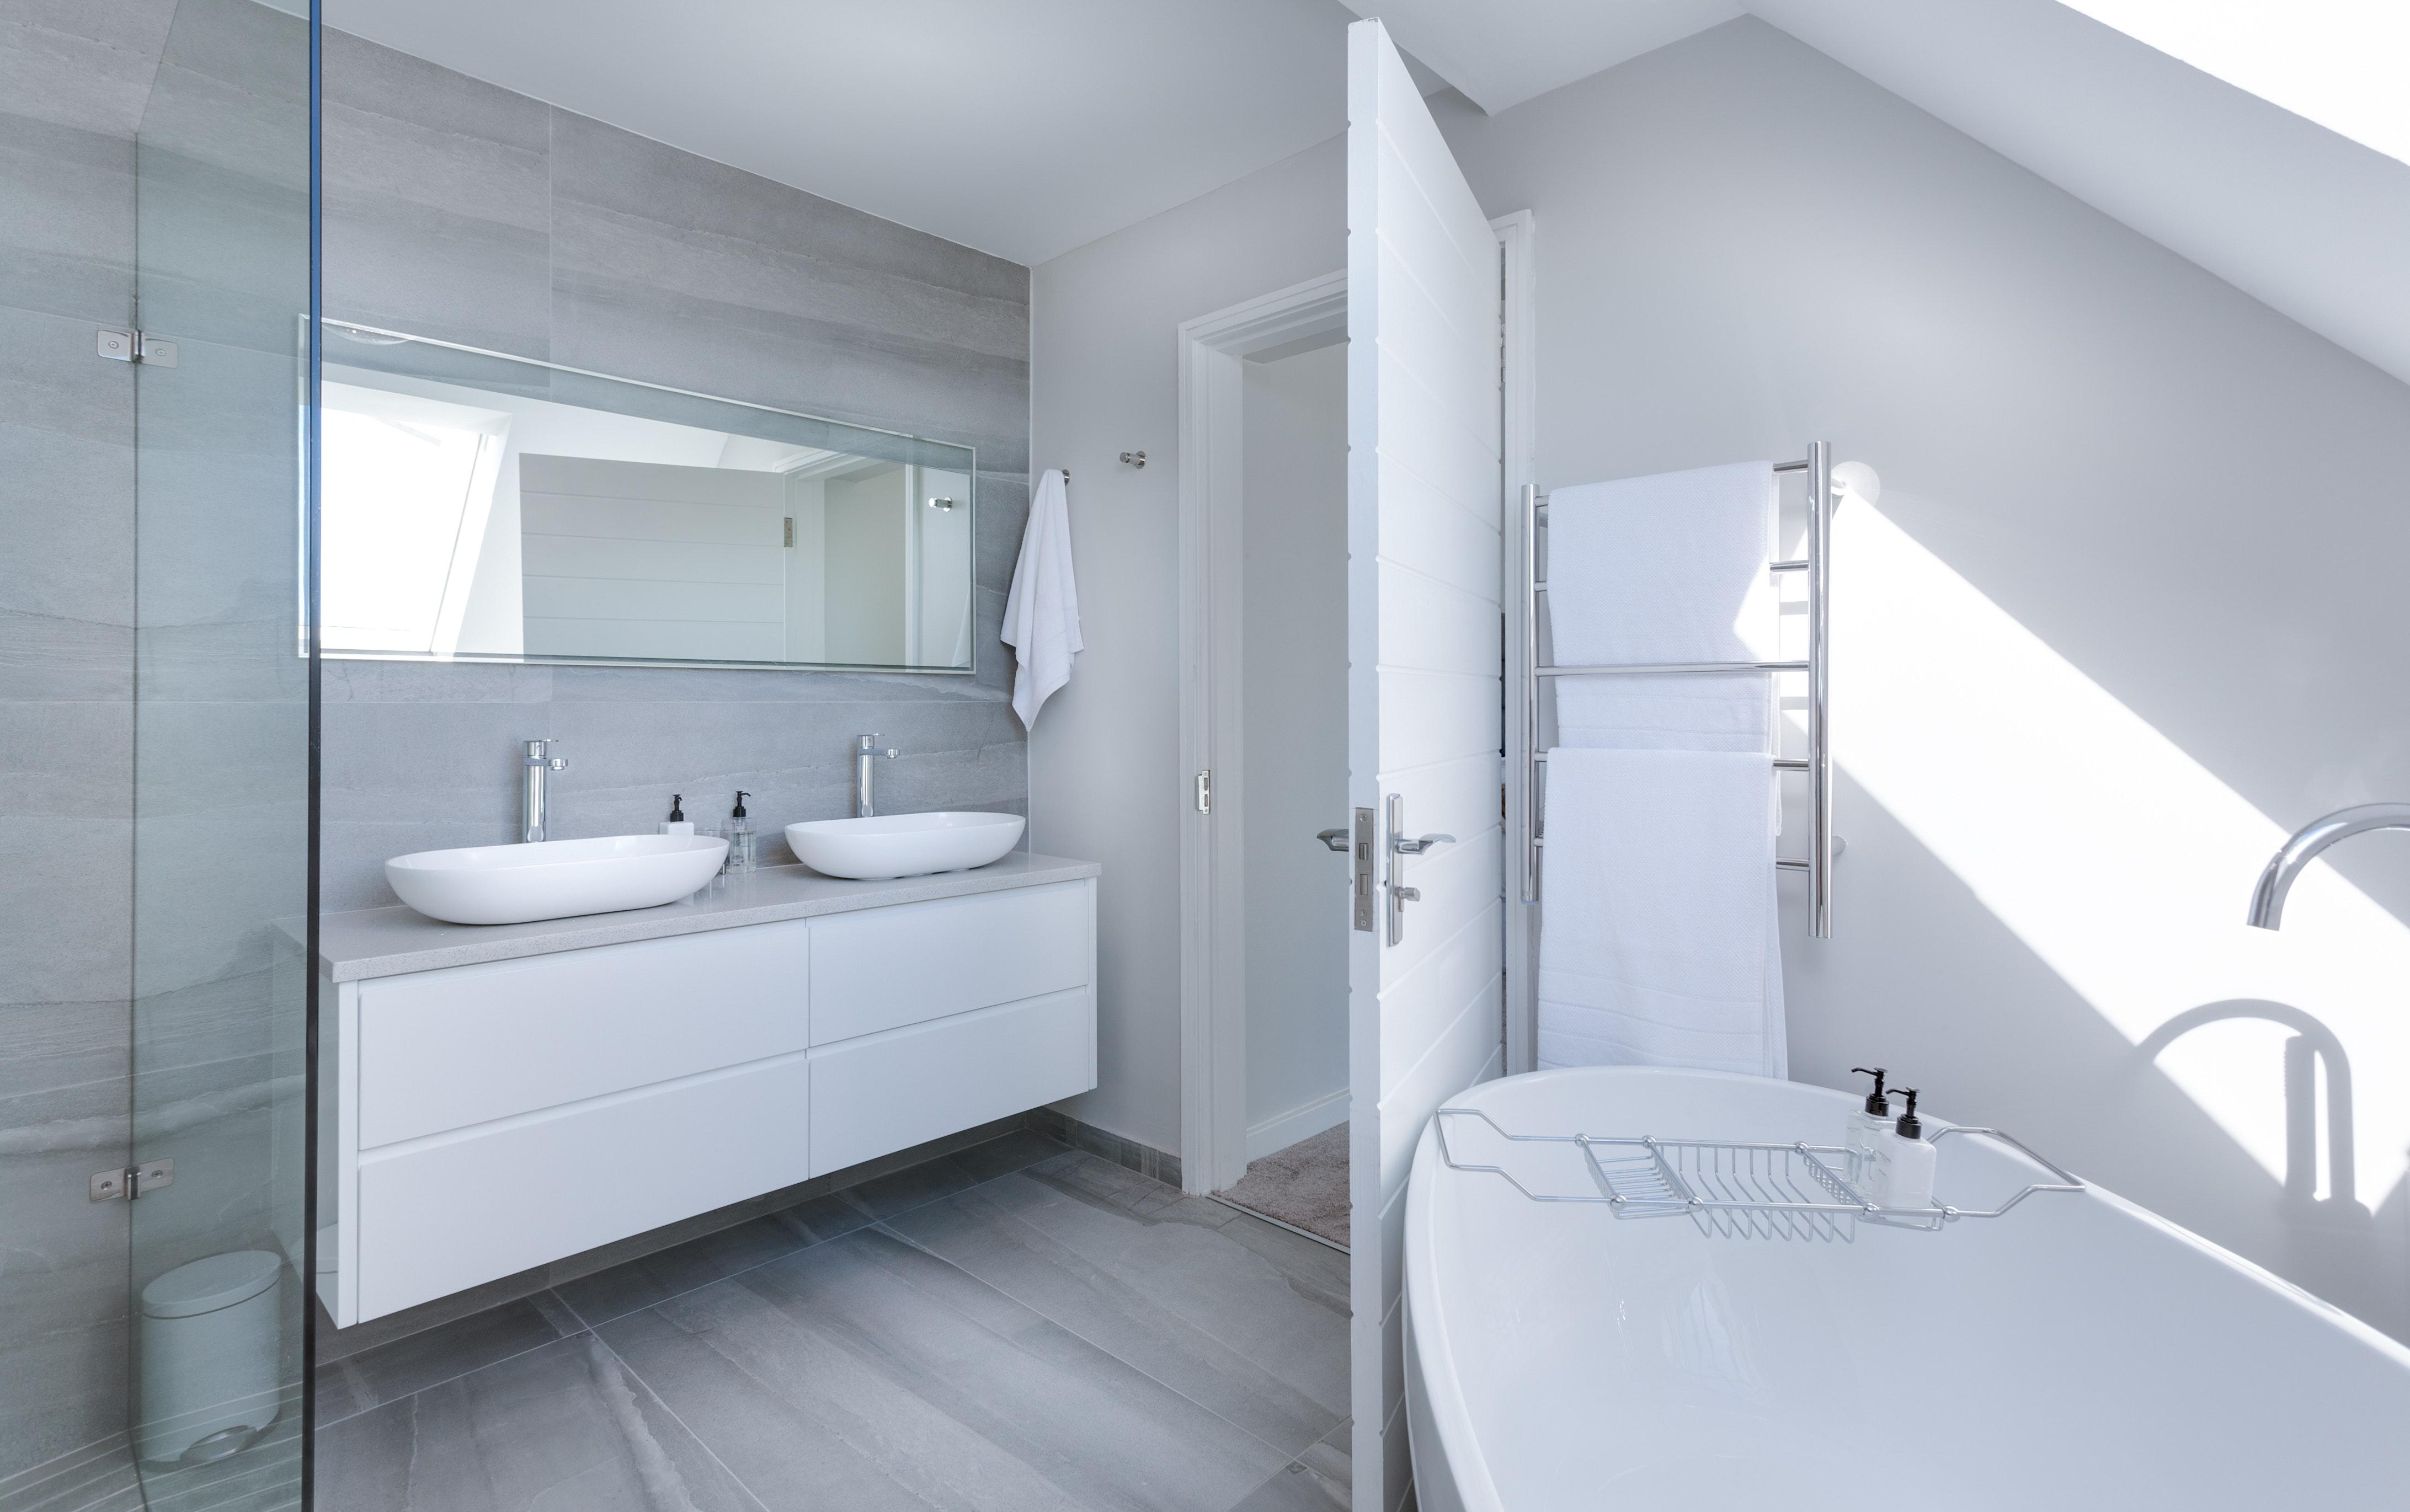 rénovation salle de bain lyon wc plombier plomberie craponne